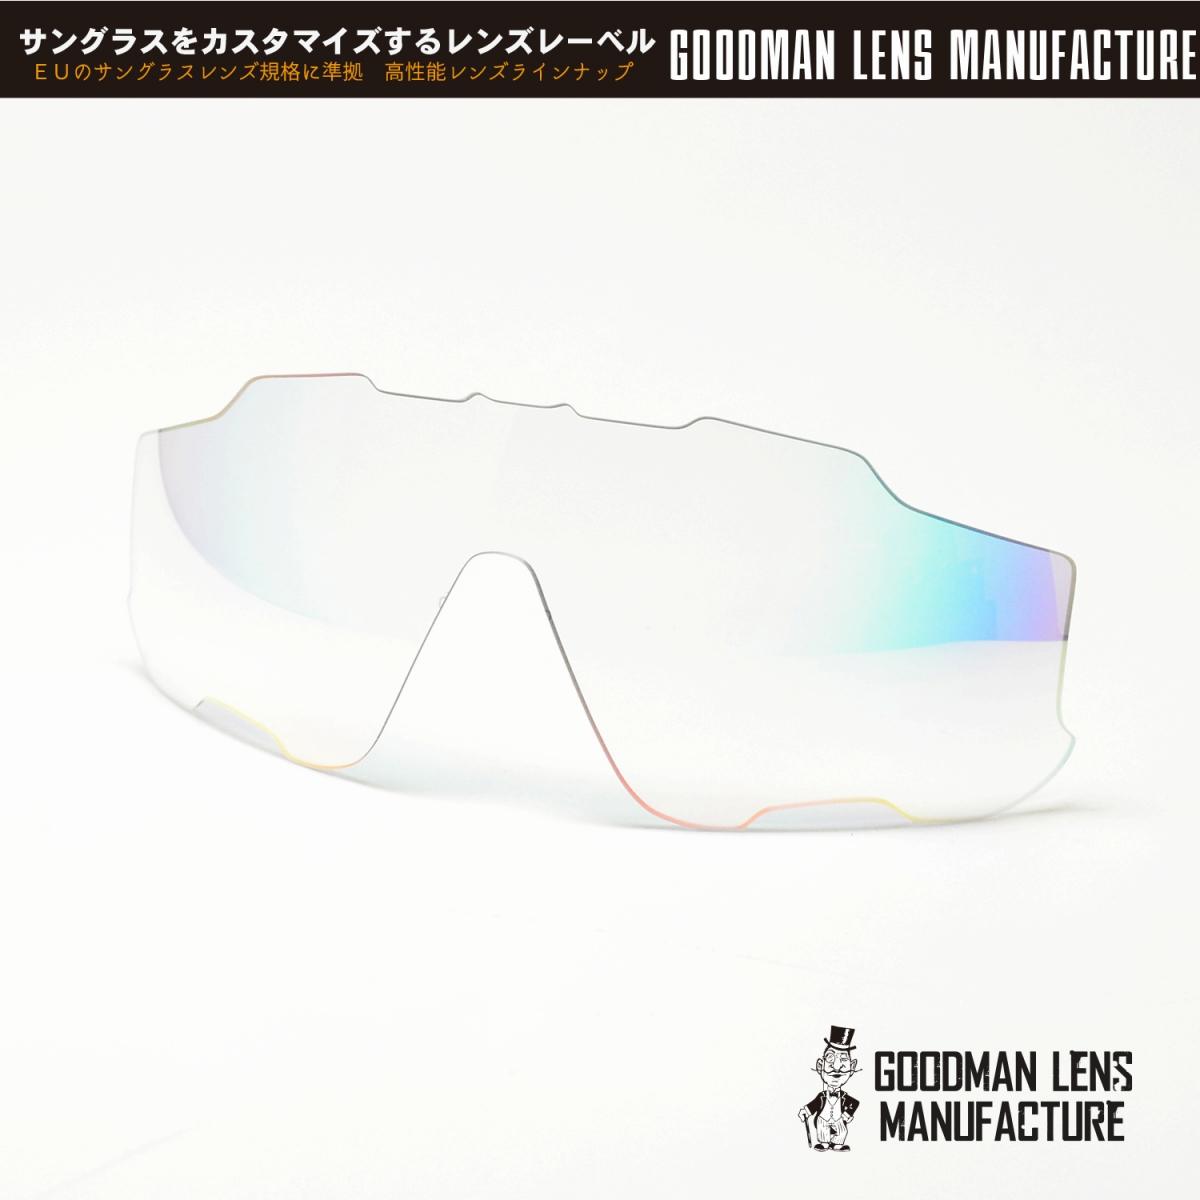 GOODMAN LENS MANUFACTURE グッドマンレンズマニュファクチュア JAWBREAKER用交換レンズ 調光クリア→グレー レッドミラーGOODMAN LENS MANUFACTURE グッドマンレンズマニュファクチュア レンズ 調光 偏光 OAKLEY オークリー 交換レンズ